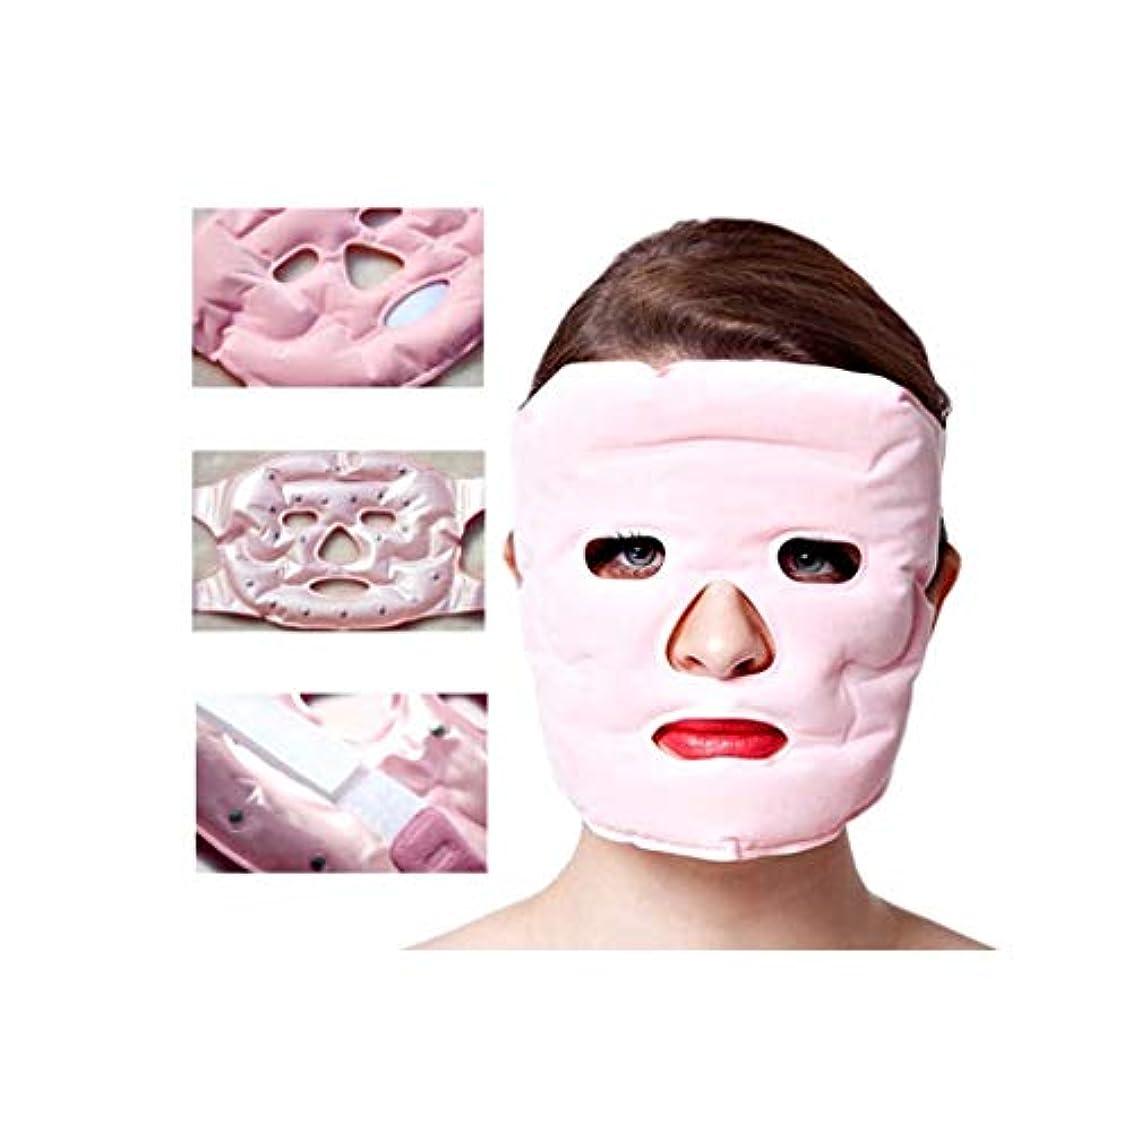 勝利四面体びっくりフェイシャルスリミング、Vフェイスマスク、フェイスリフティングビューティーマスク、磁気療法リフティングフェイス、肌の状態を改善するための肌の頬の引き締め